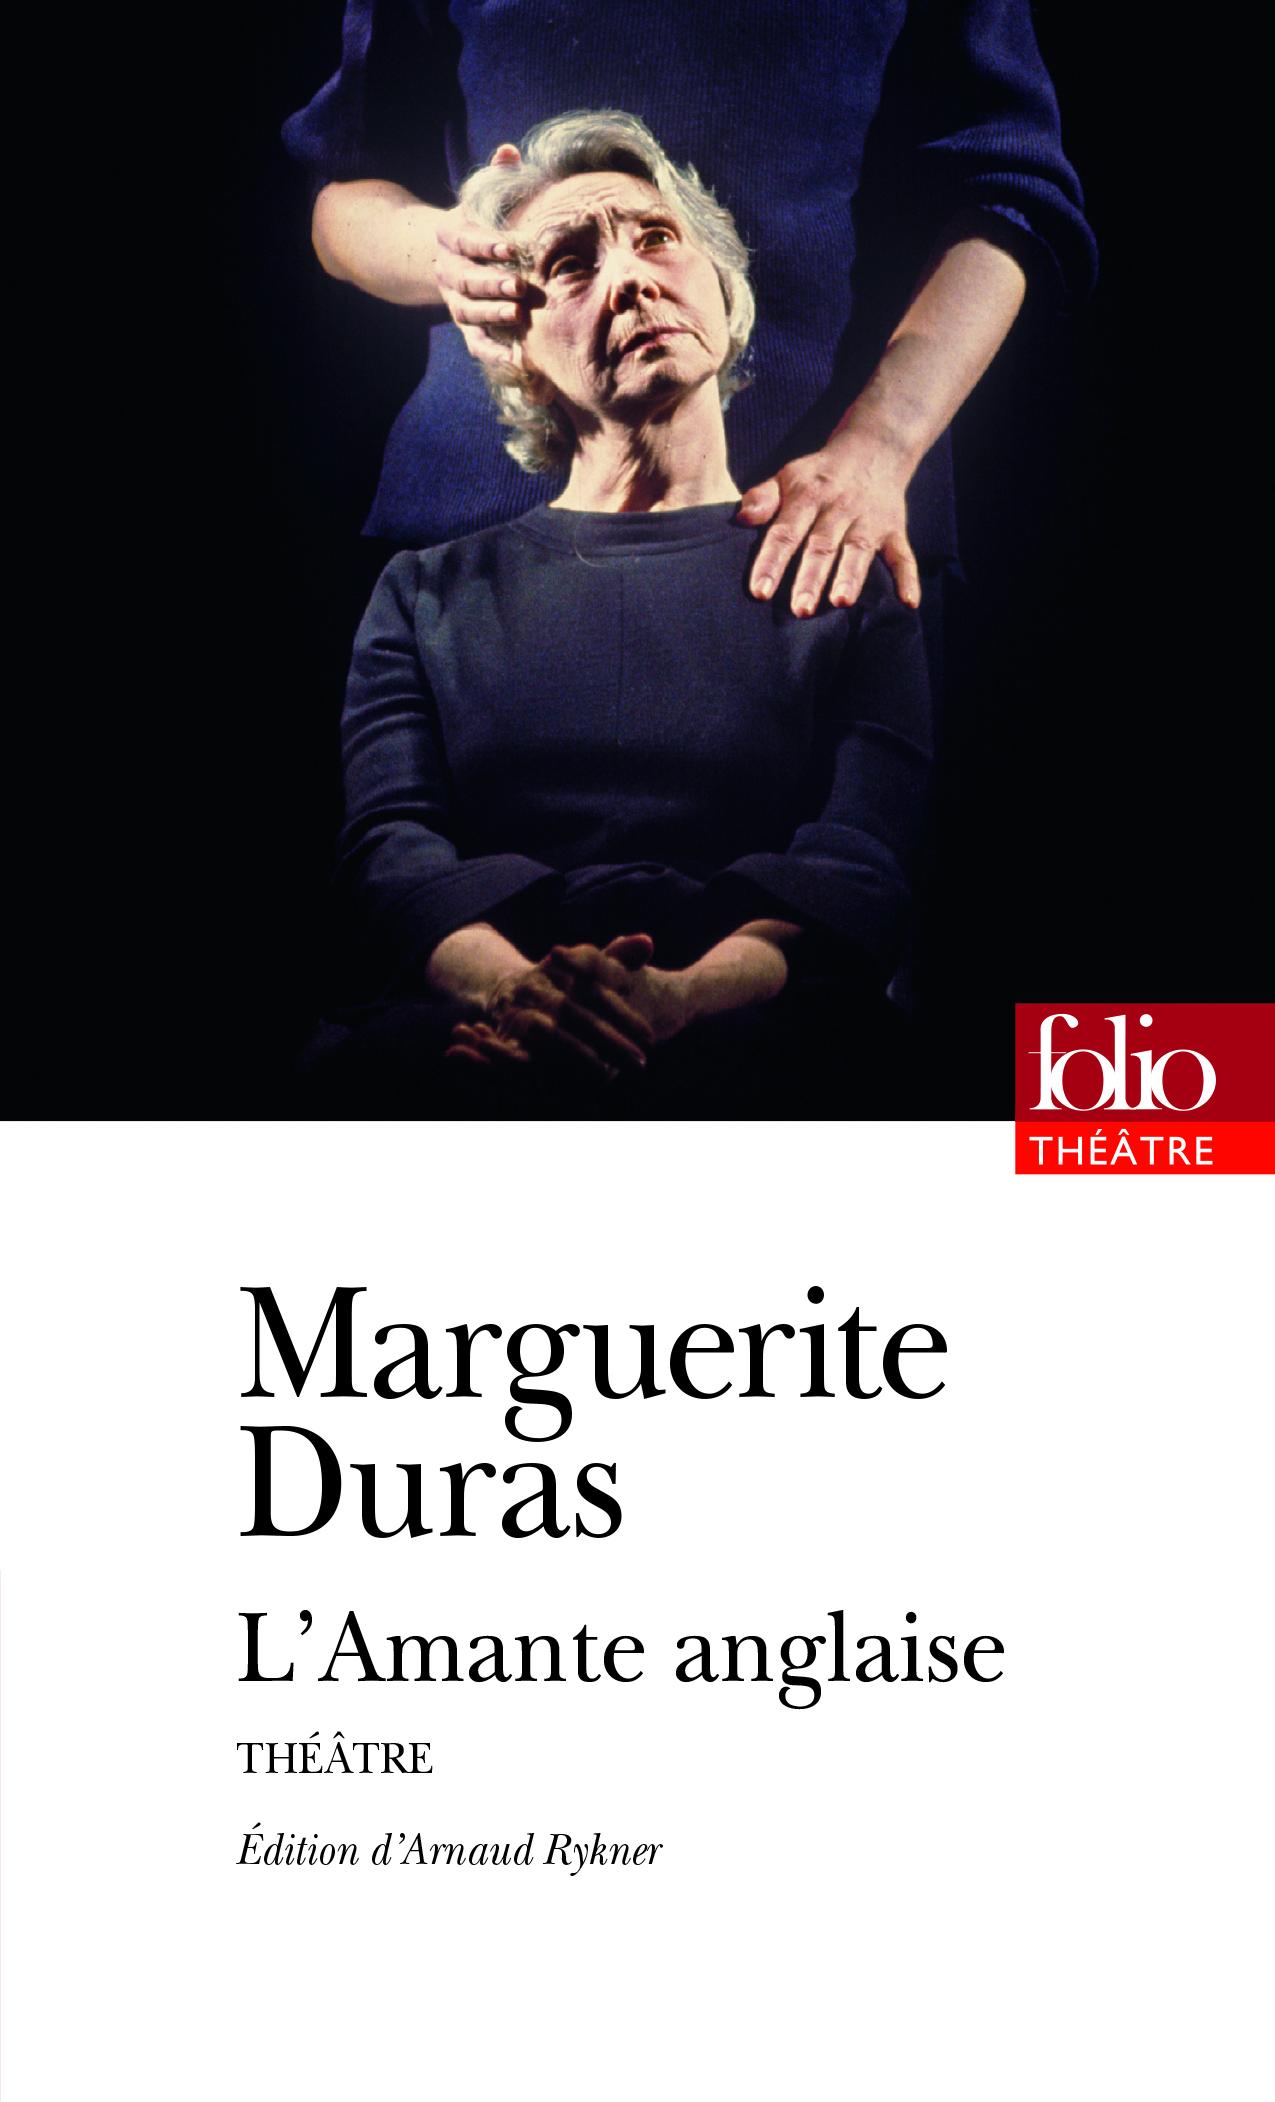 cherche femme sourde celibataire Saint-Laurent-du-Maroni